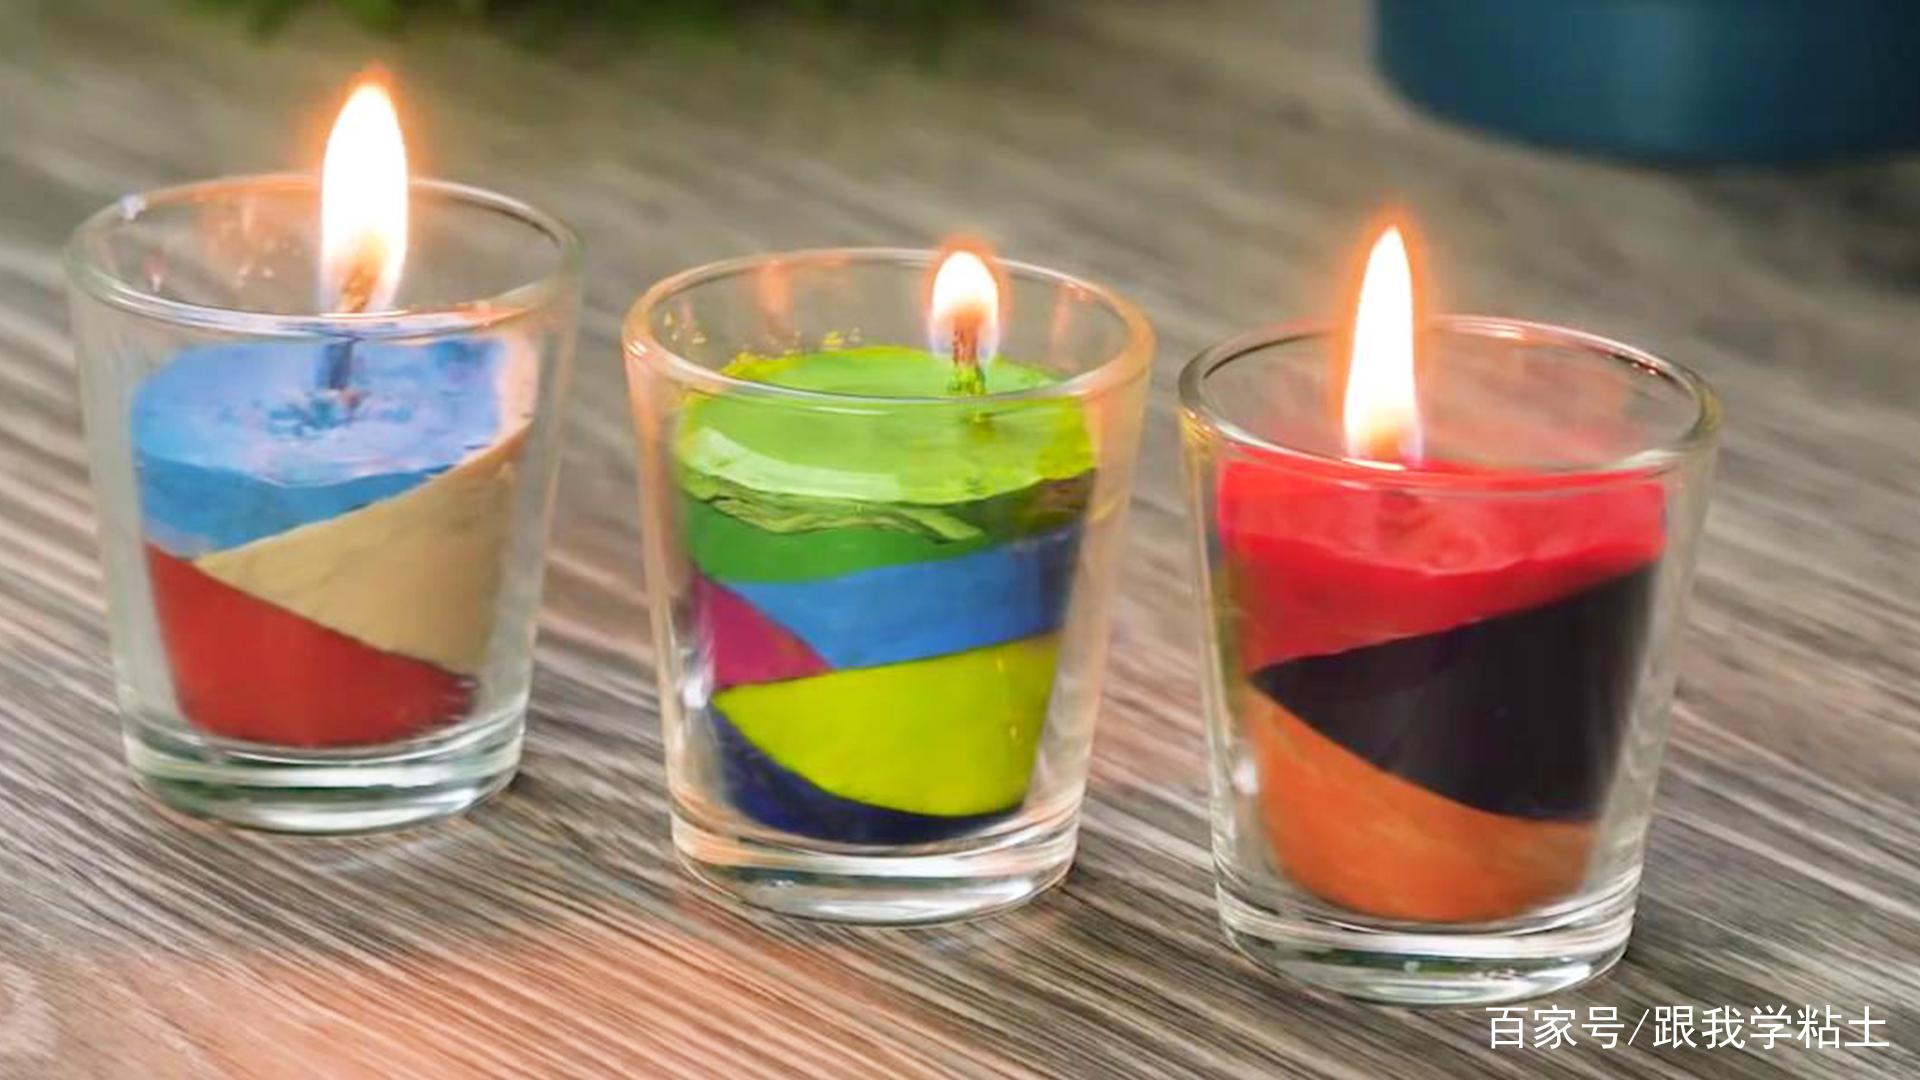 用玻璃杯和蜡笔自制浪漫蜡烛,创意diy手工教程